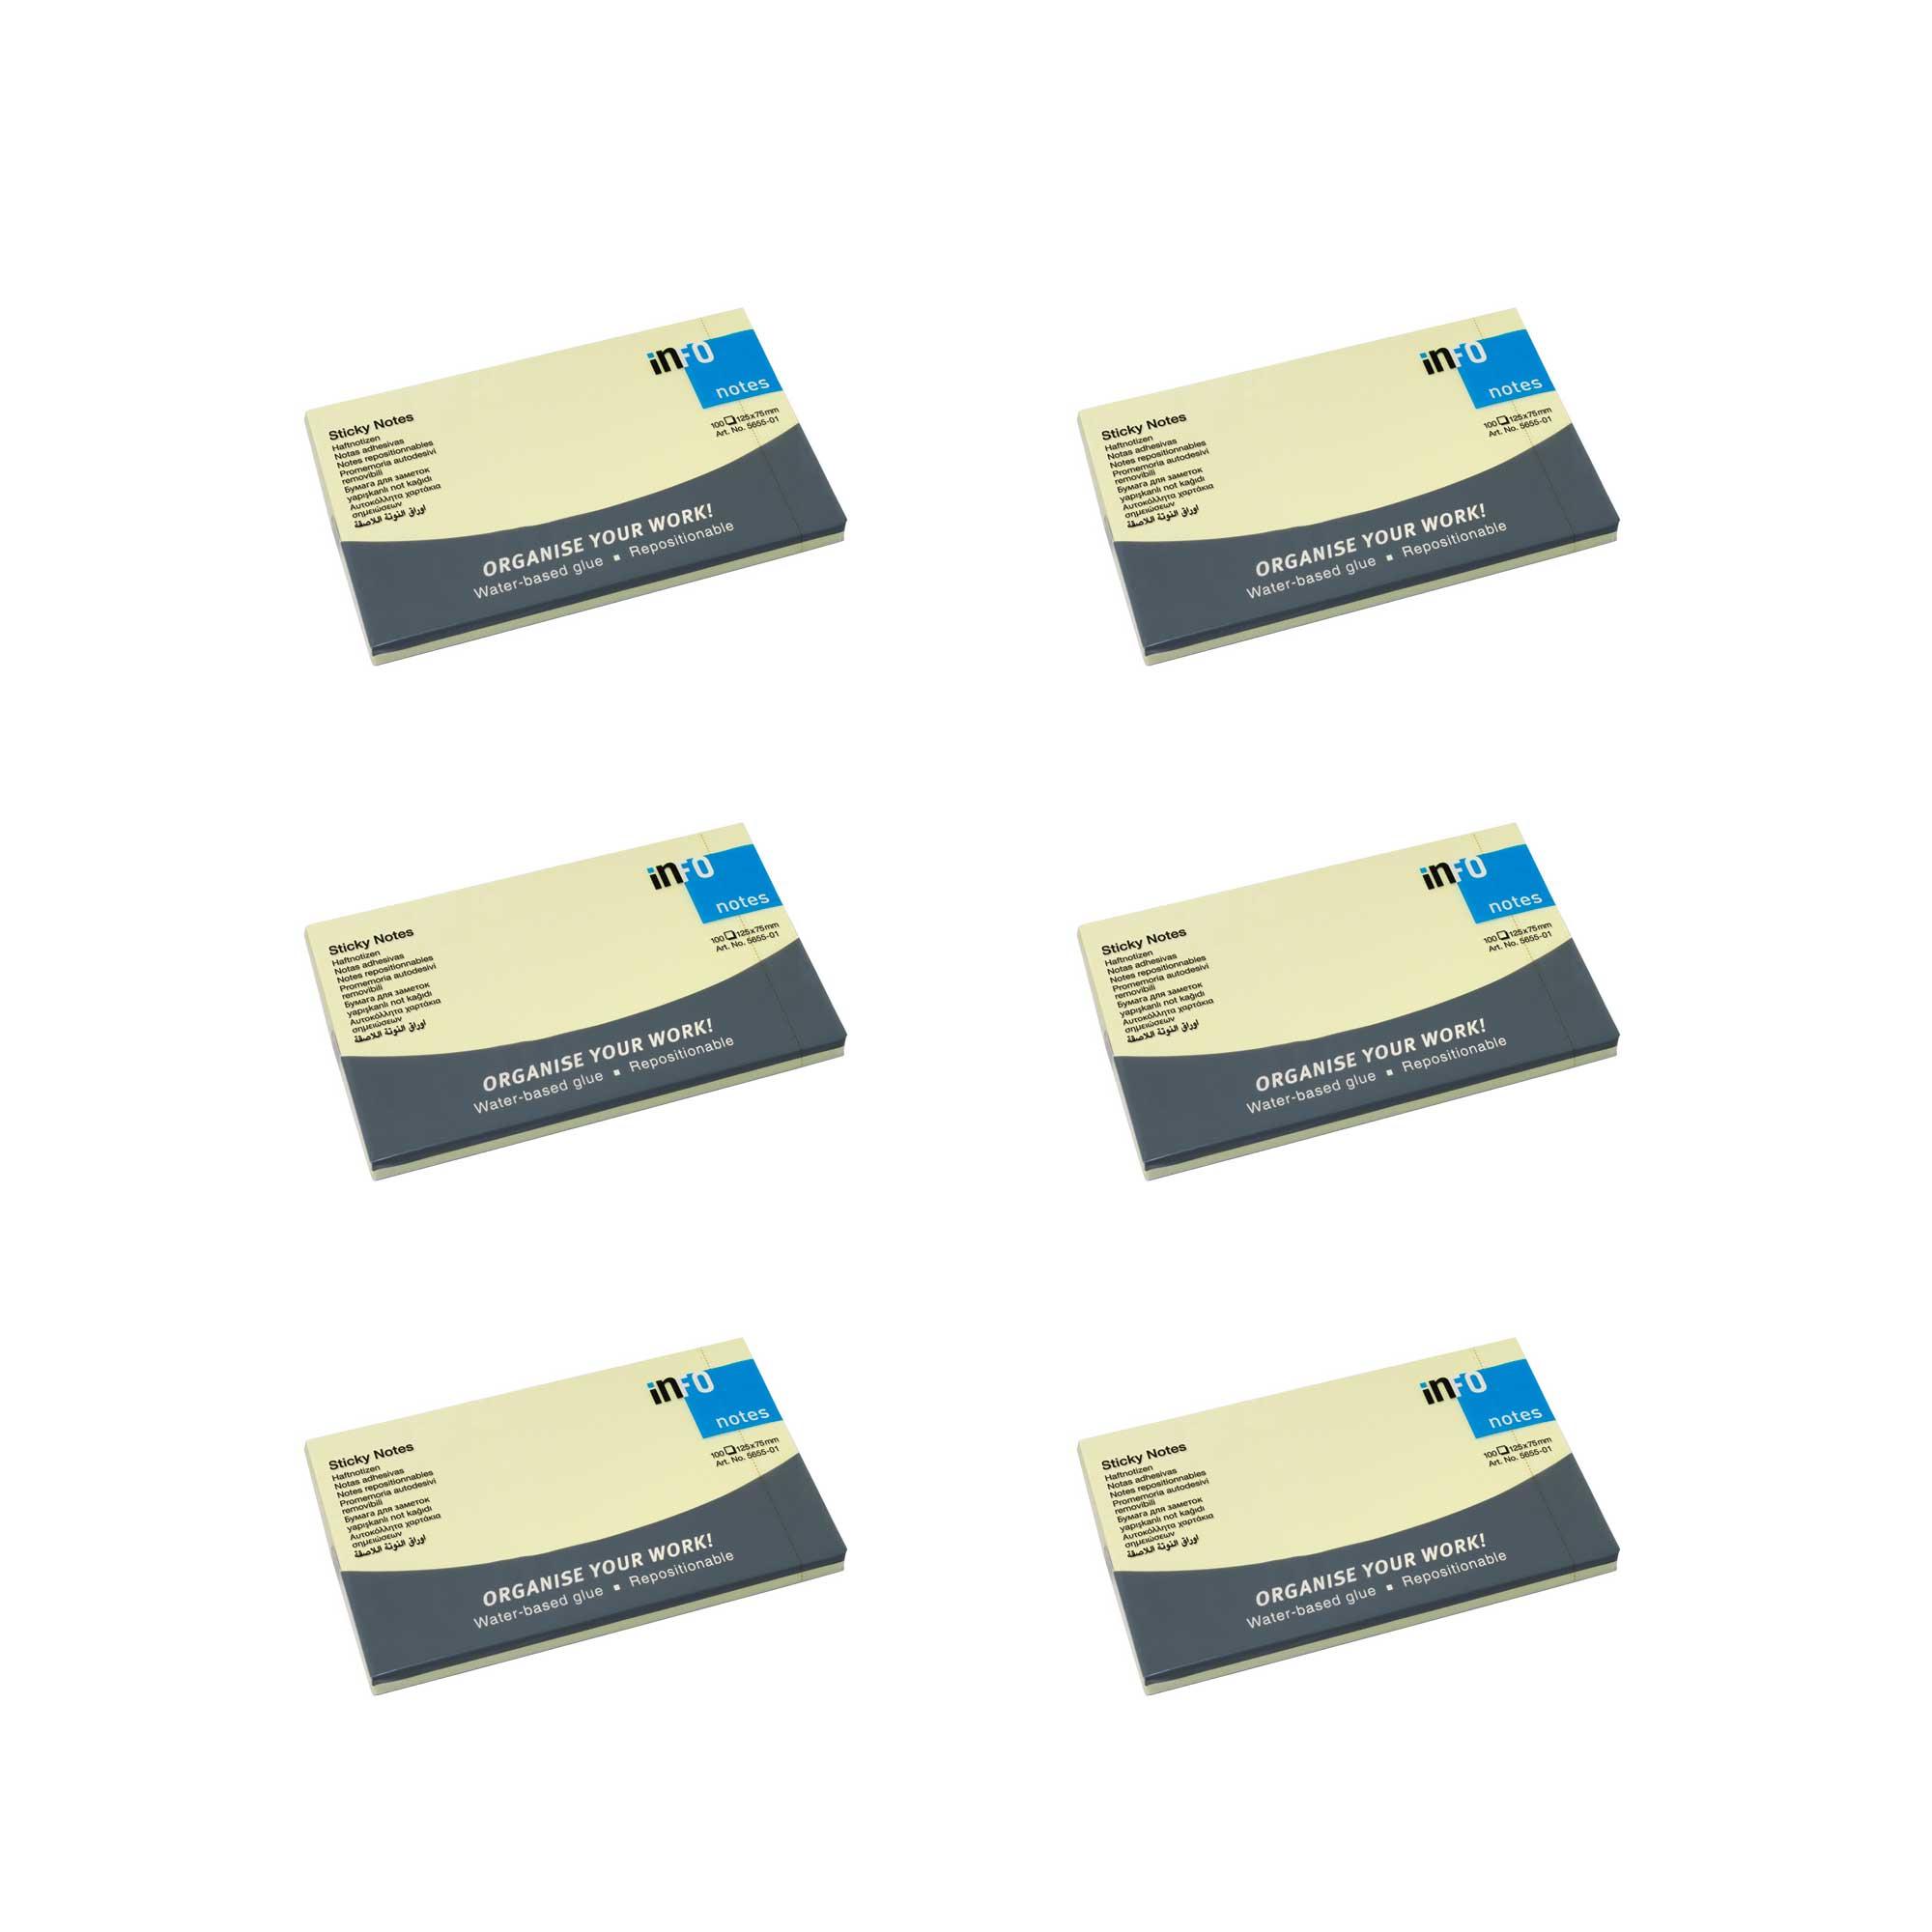 کاغذ یادداشت چسب دار اینفو مدل 01-5655 بسته 6 عددی